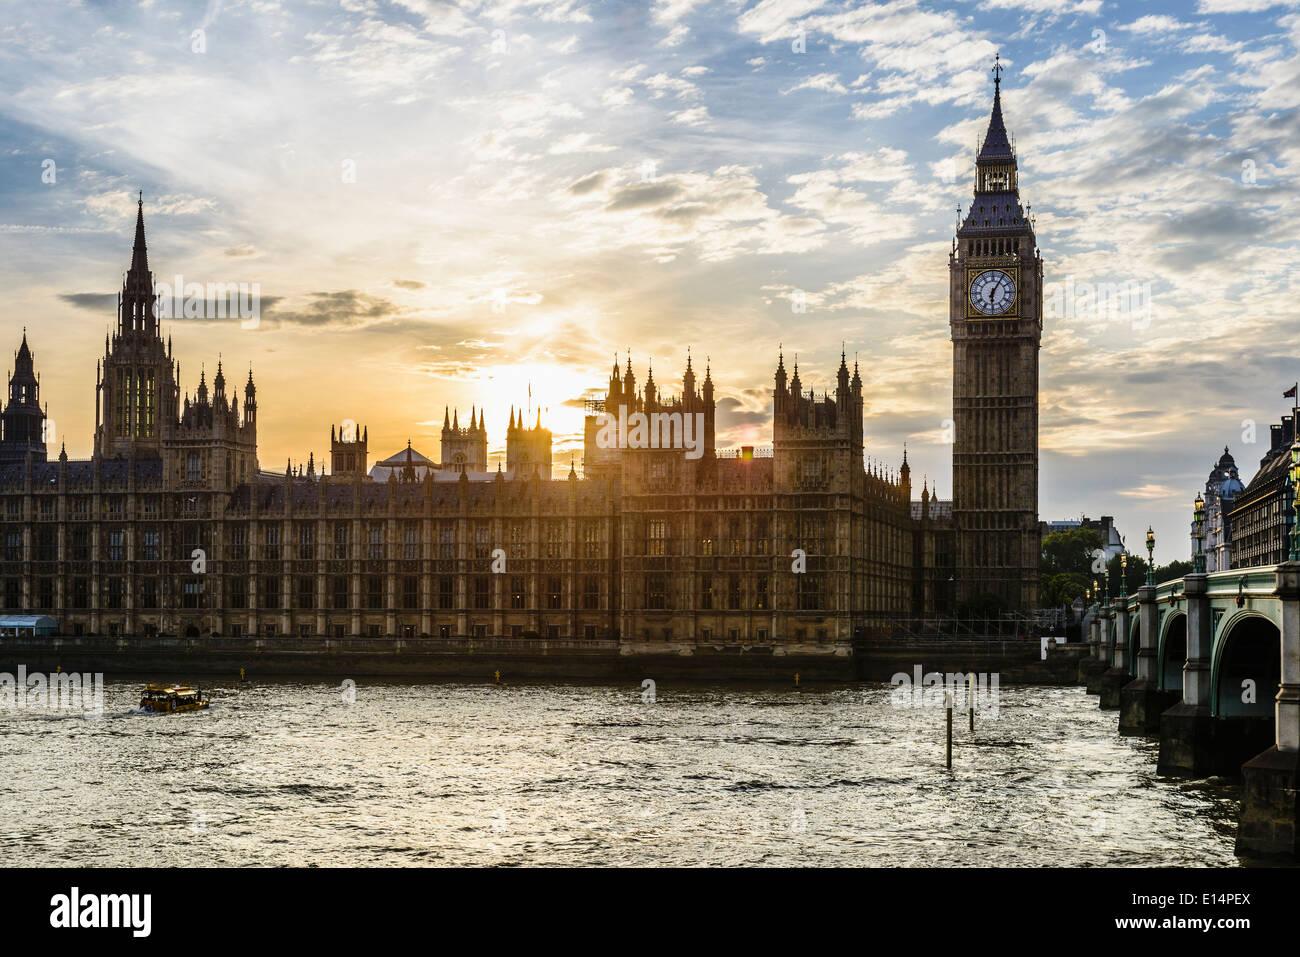 Tramonto sul case del Parlamento, London, Regno Unito Immagini Stock